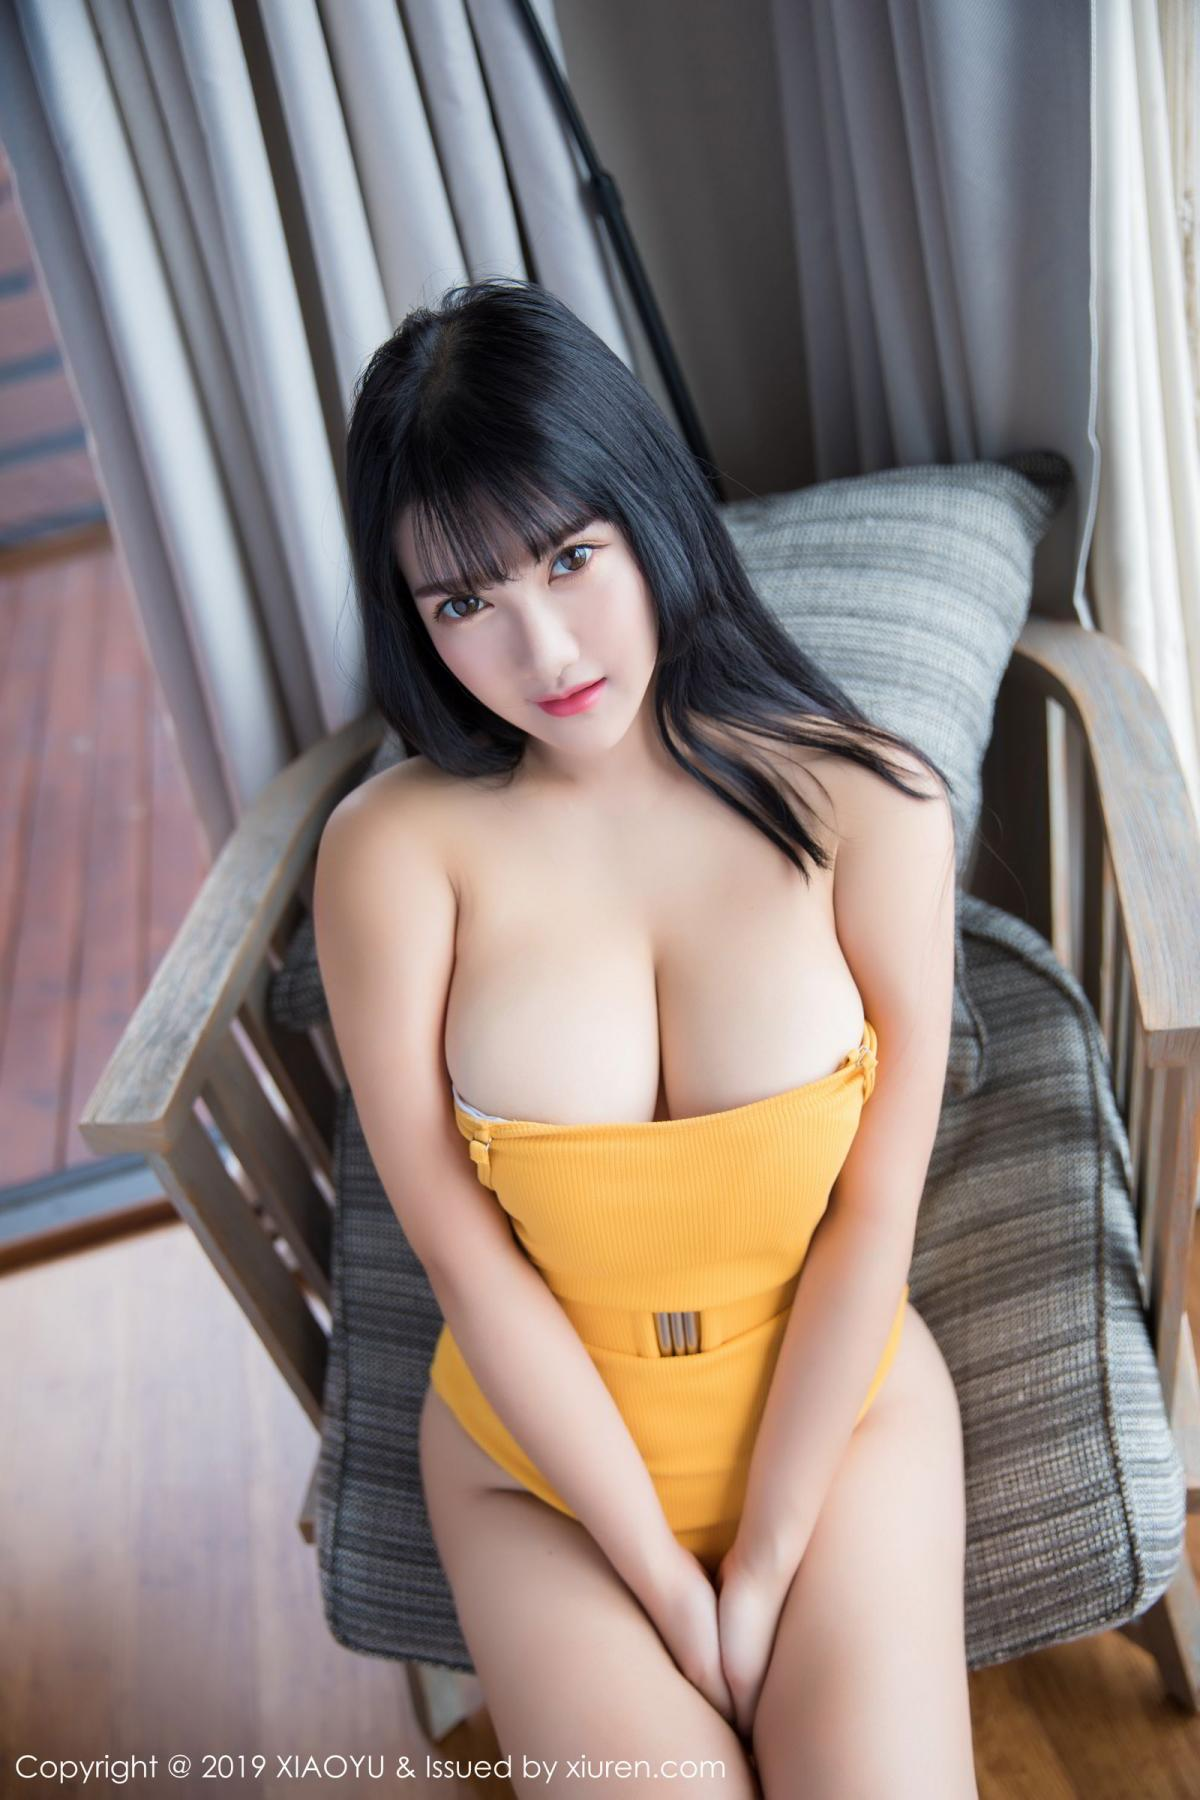 [XiaoYu] Vol.111 Lu Lu Xiao Miao 5P, Cute, Lu Lu Xiao Miao, Underwear, XiaoYu